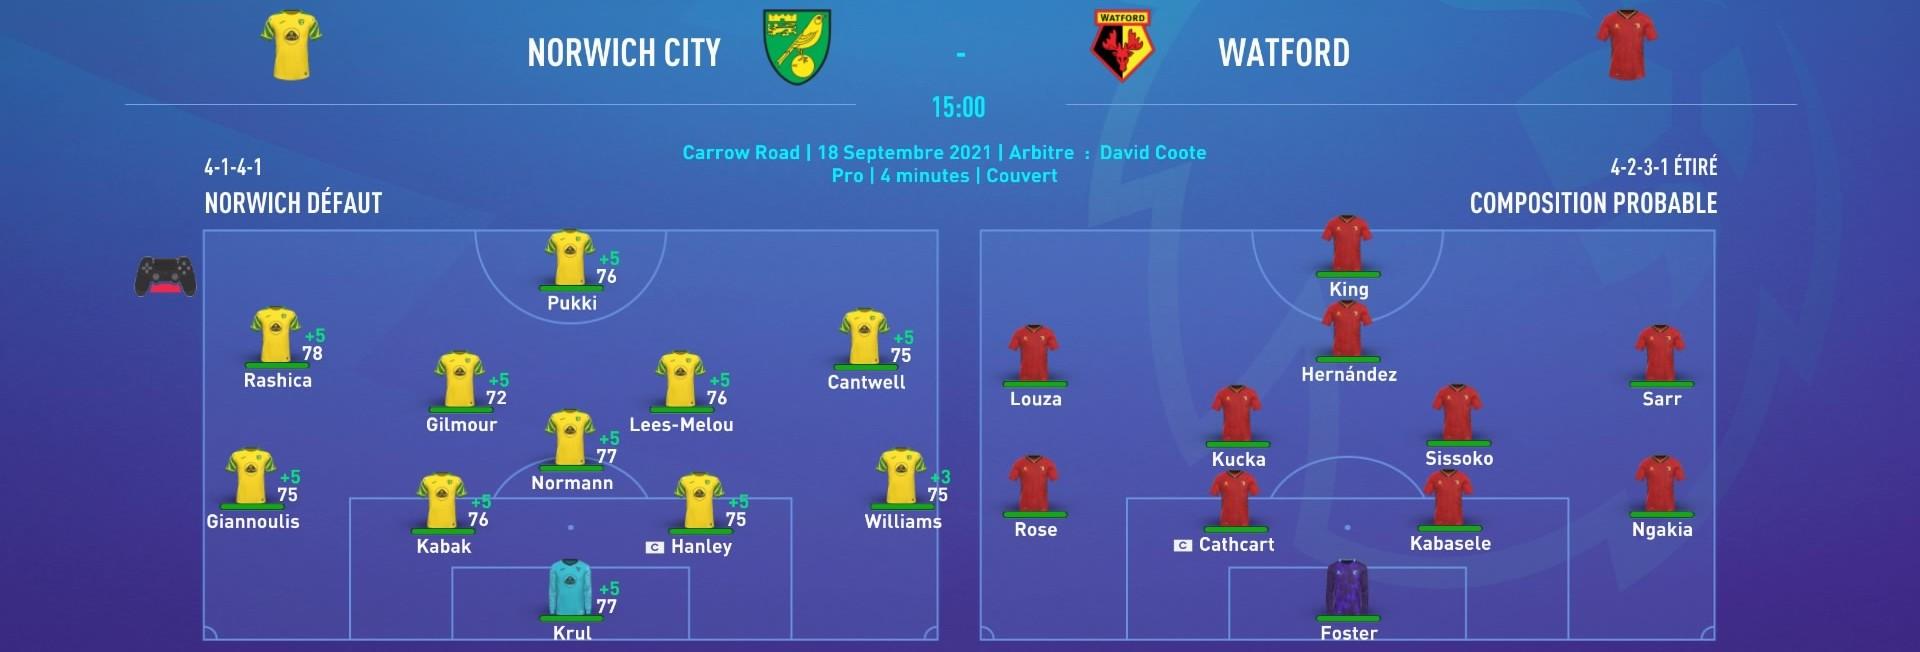 [FIFA 22] Story | Les Canaries à l'aube d'une nouvelle ère Fifa_259